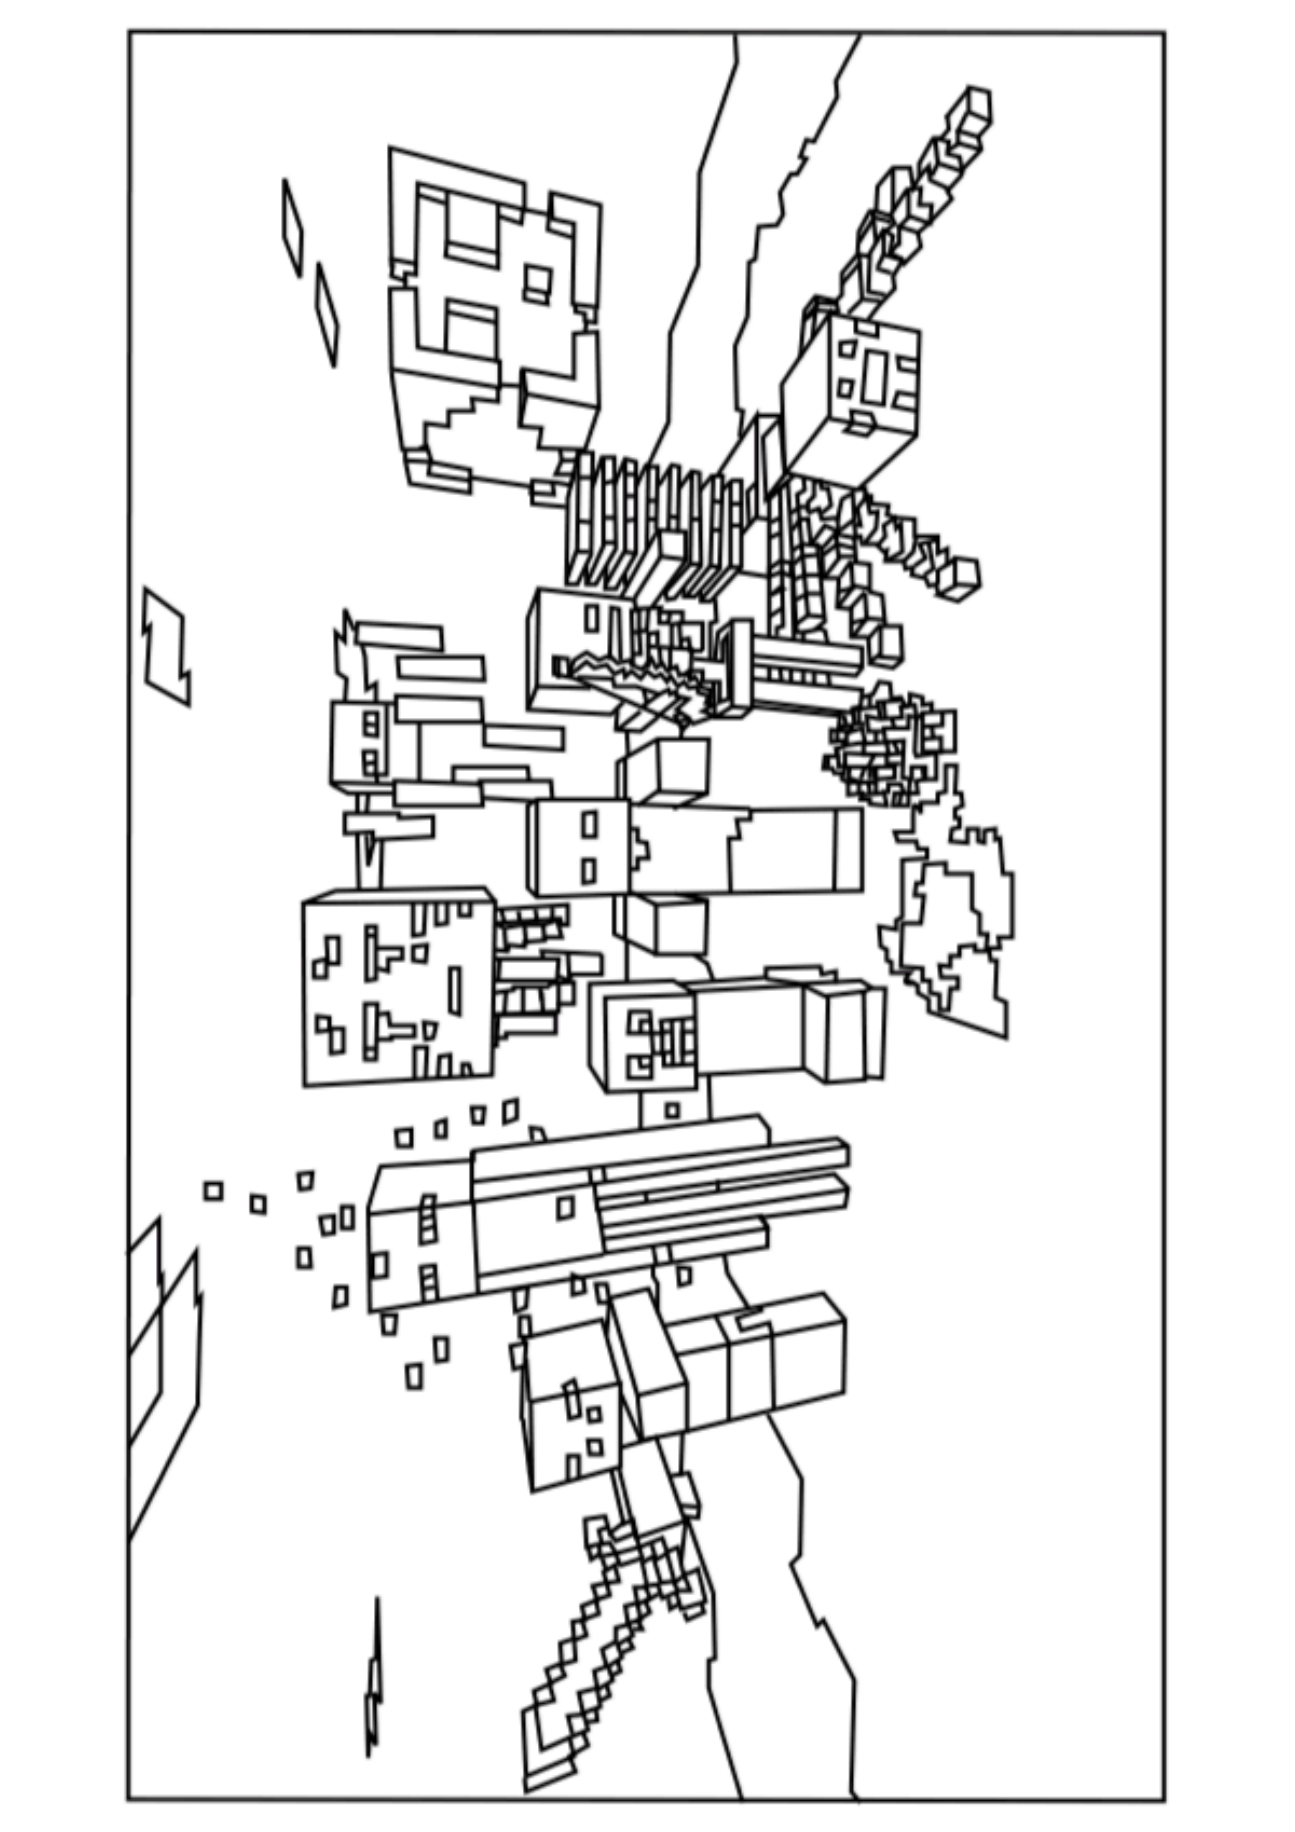 Coloriage Minecraft #108 (Jeux Vidéos) - Coloriages à imprimer